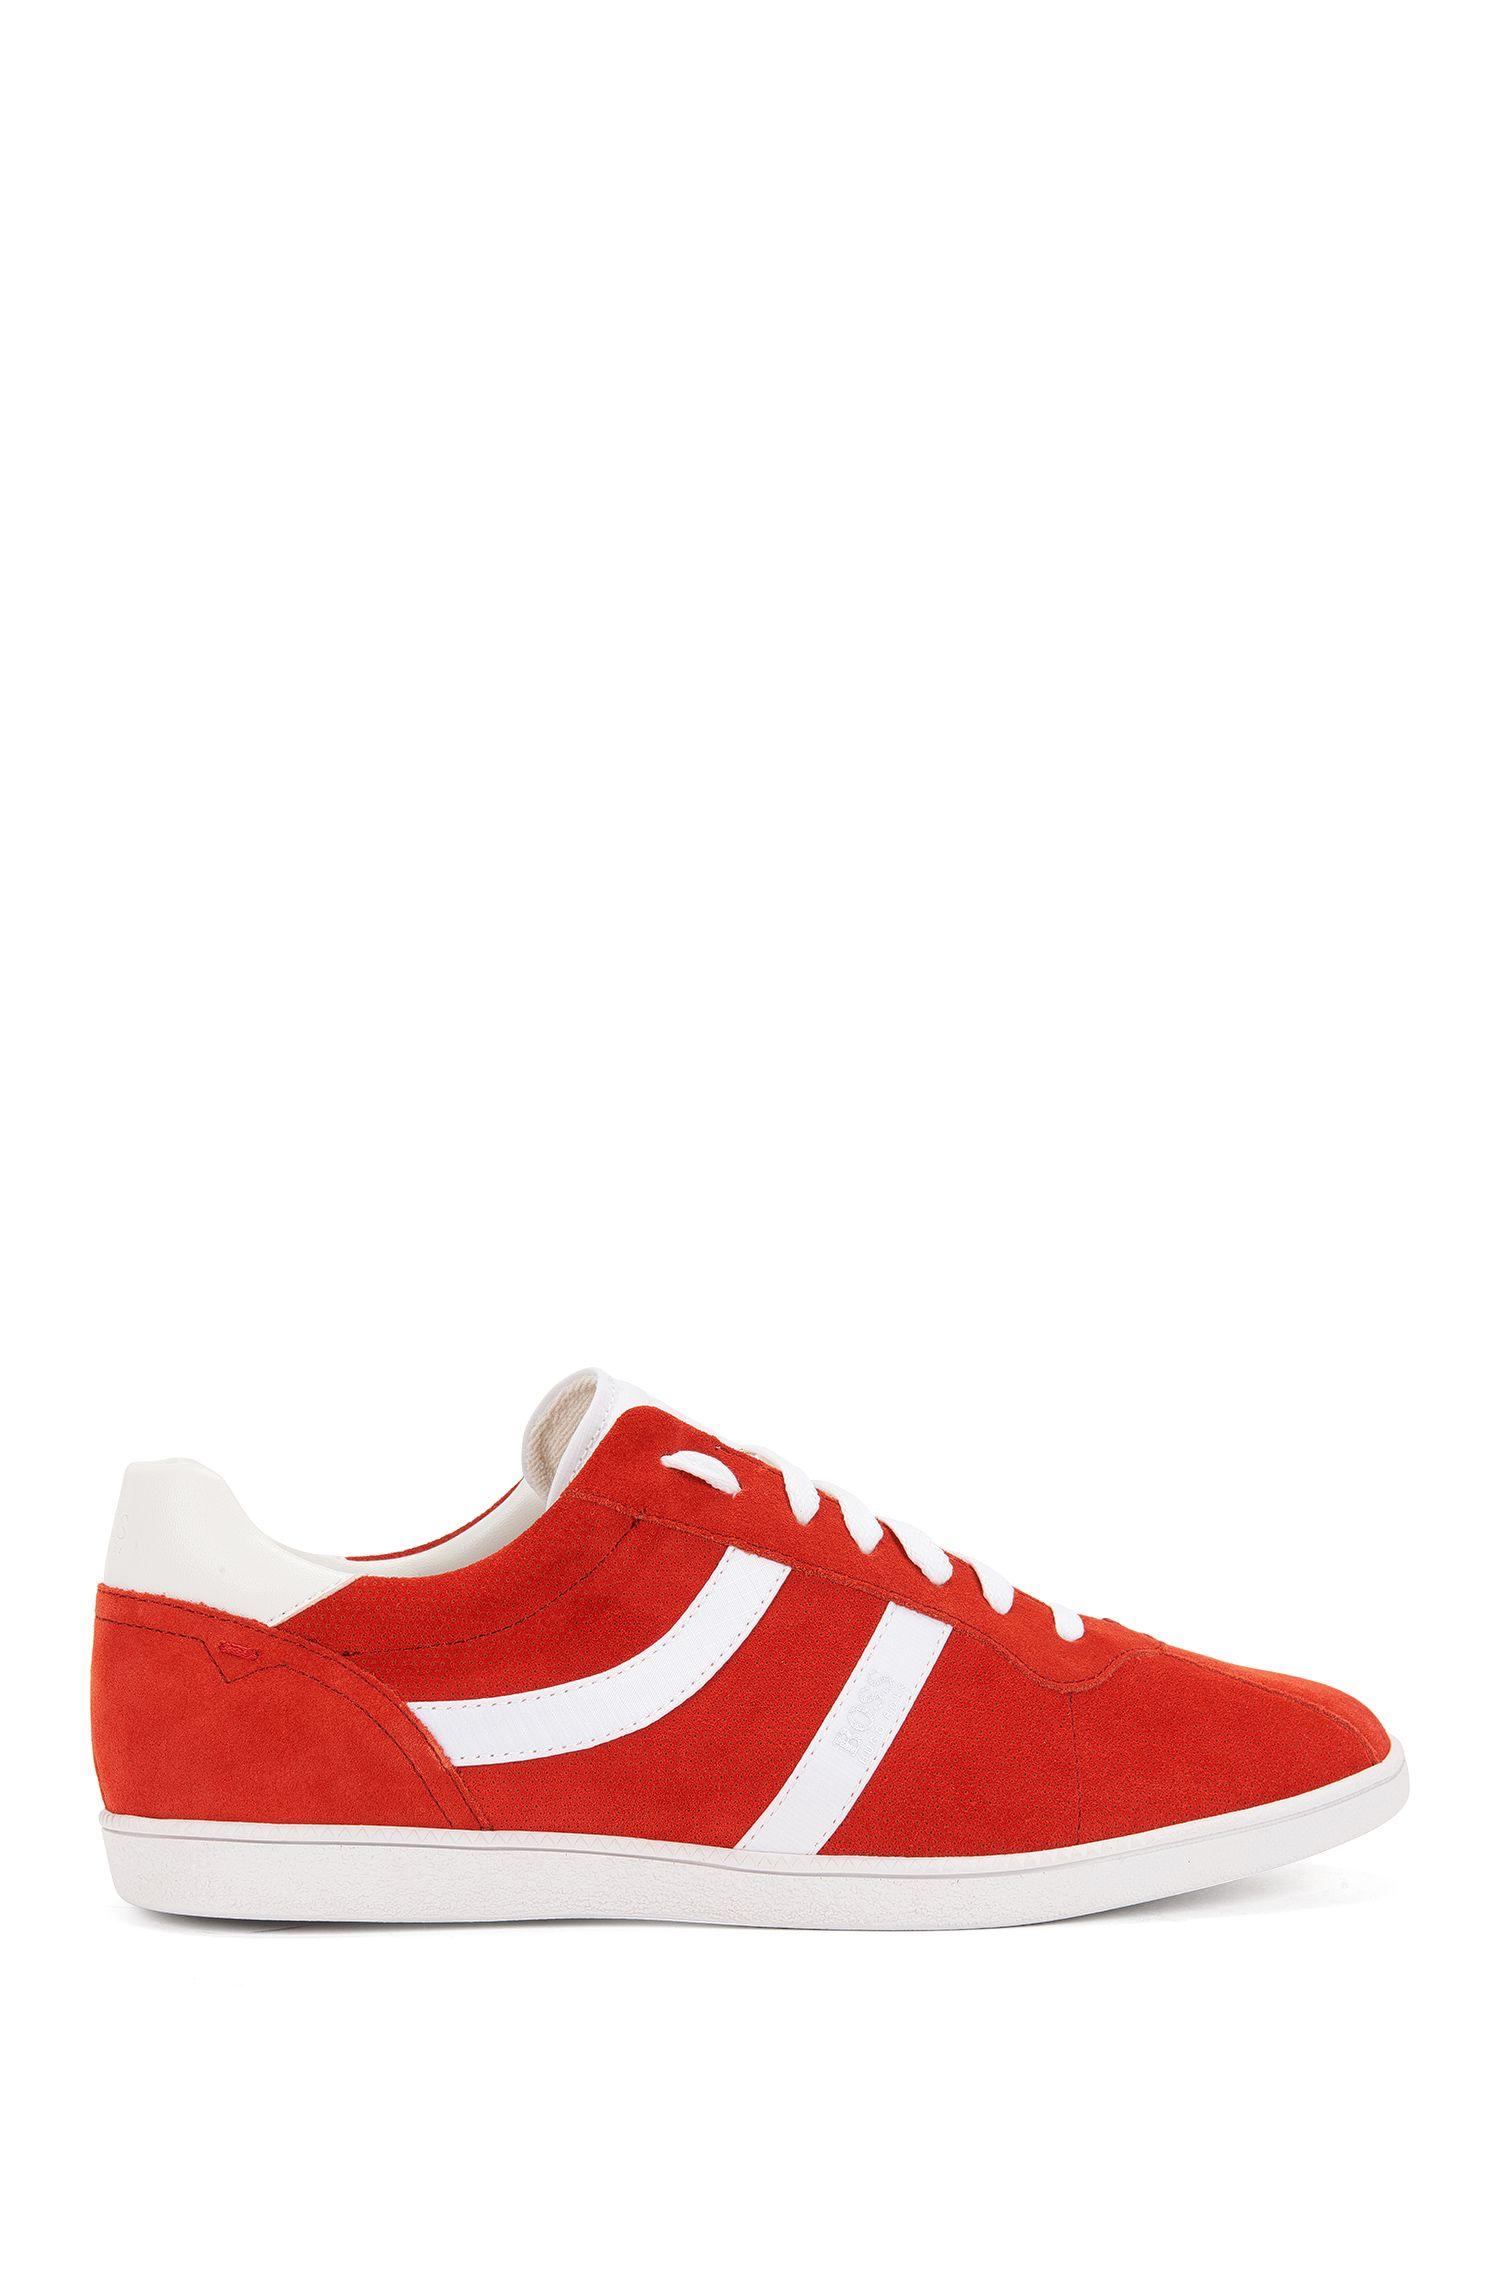 Sneakers low-top in pelle scamosciata liscia e traforata